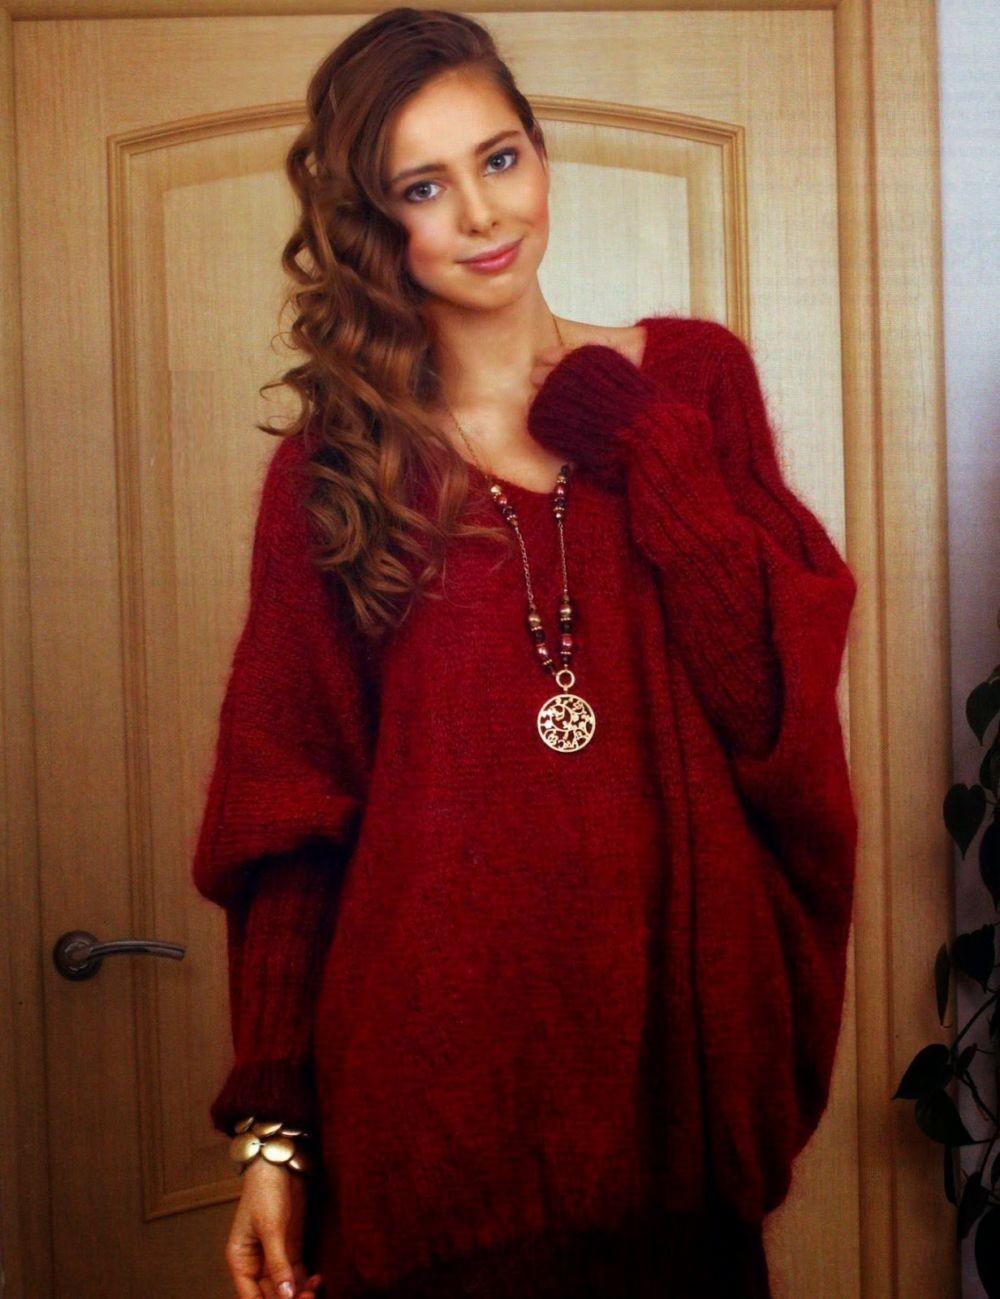 свитер мохеровый красный обьемный